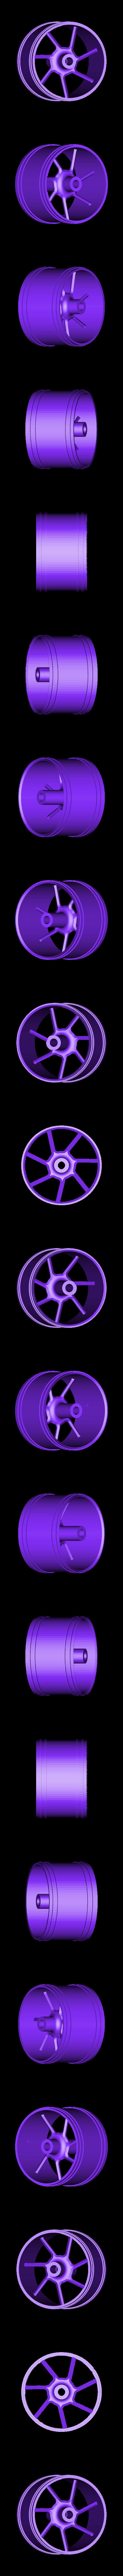 rear_rim_for_rubber_tire.stl Télécharger fichier STL gratuit 2016 Suzuki GSX-RR MotoGP RC Moto • Modèle pour imprimante 3D, brett